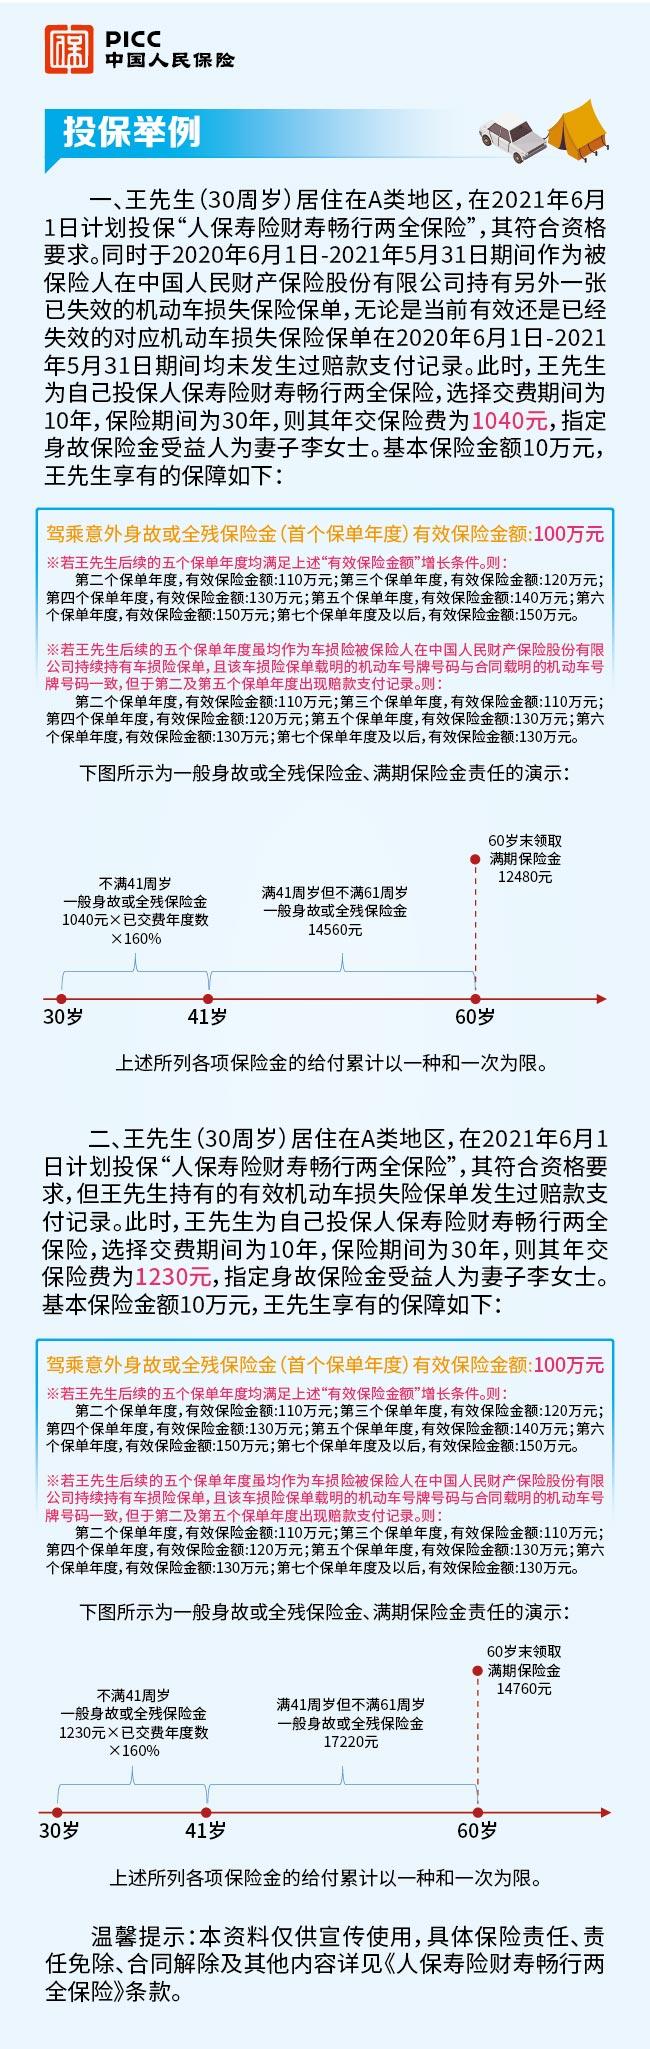 人保-财寿护驾 畅行无忧(A版)-投保举例-650px.jpg